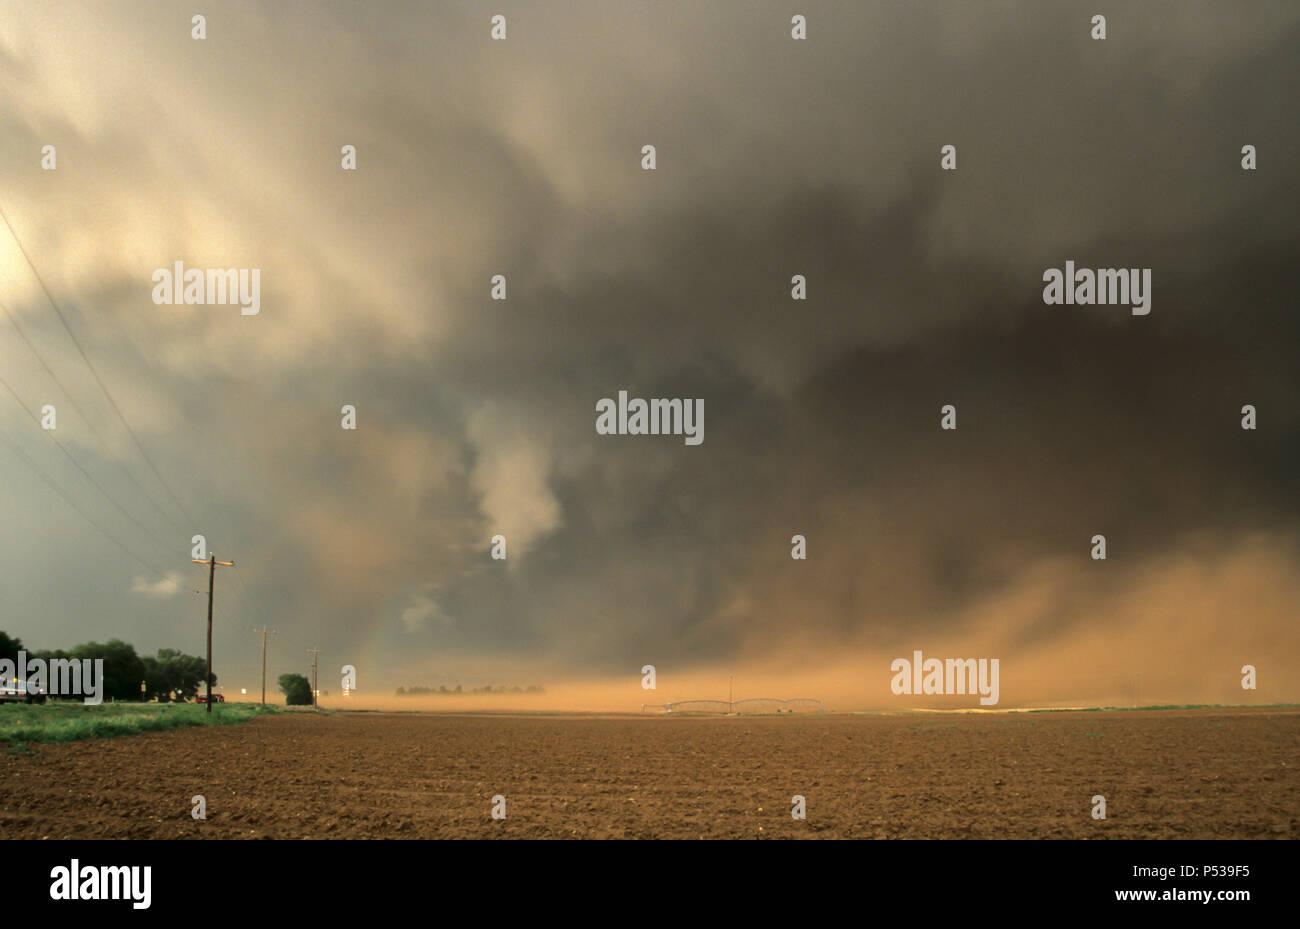 Staub wird unter dem wall cloud eine heftig rotierende Wand durch eine supercell Thunderstorm in Texas gebildet angesaugt. Stockbild